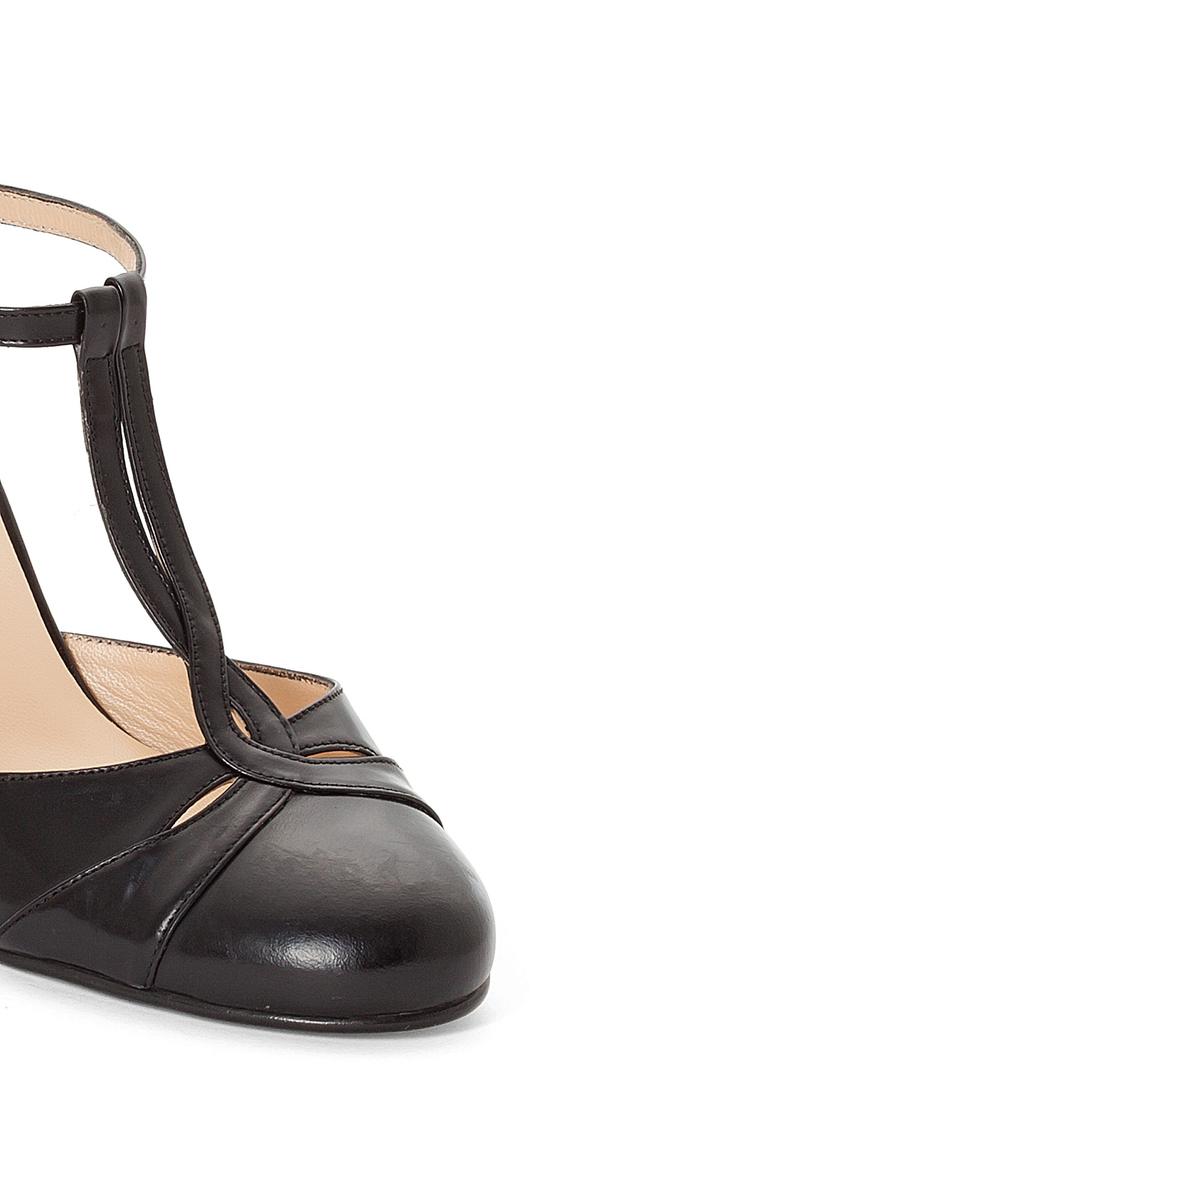 Туфли кожаные 11076Верх : Кожа   Подкладка : Кожа   Стелька : Кожа   Подошва : эластомер   Высота каблука : 5 см   Форма каблука : тонкий каблук   Мысок : закругленный   Застежка : Пряжка<br><br>Цвет: черный<br>Размер: 36.37